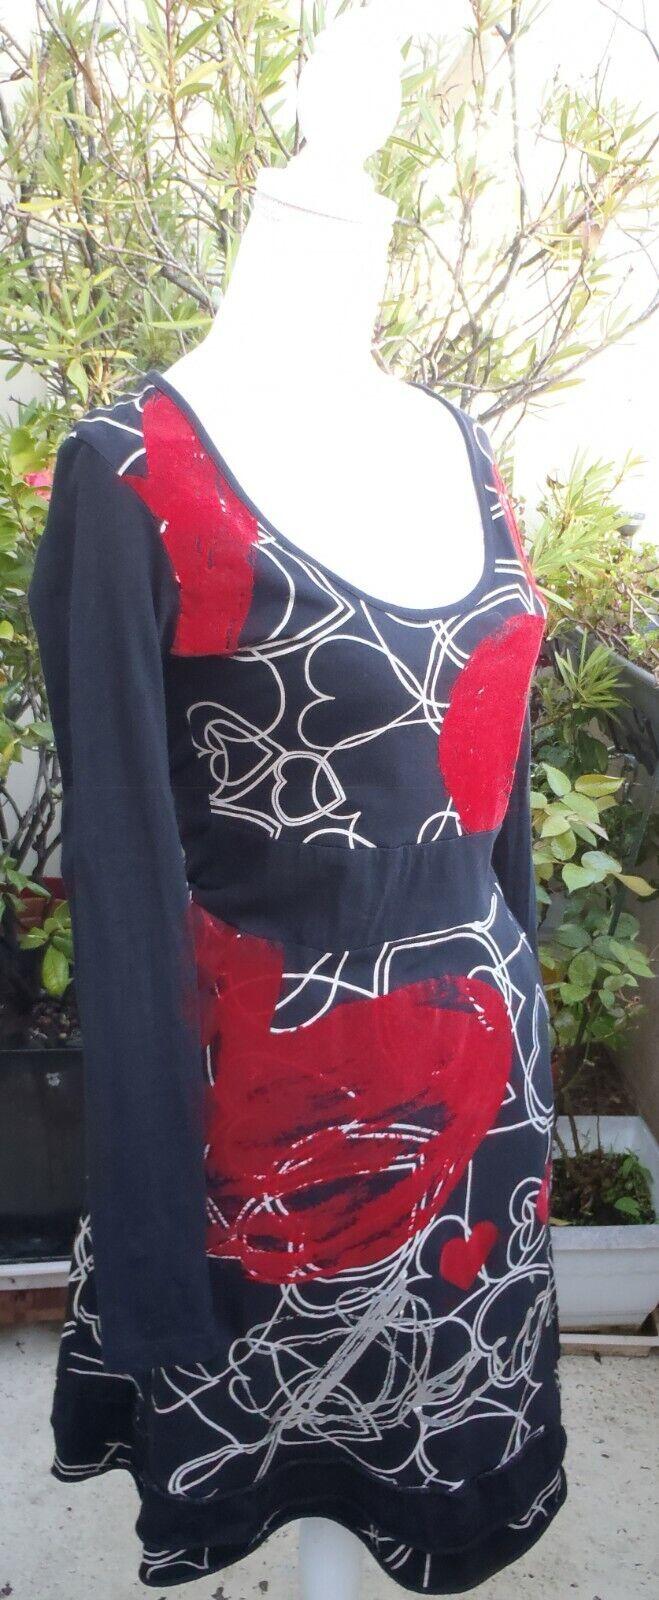 Robe desigual noire rouge beige et argent t. l (40) impeccable